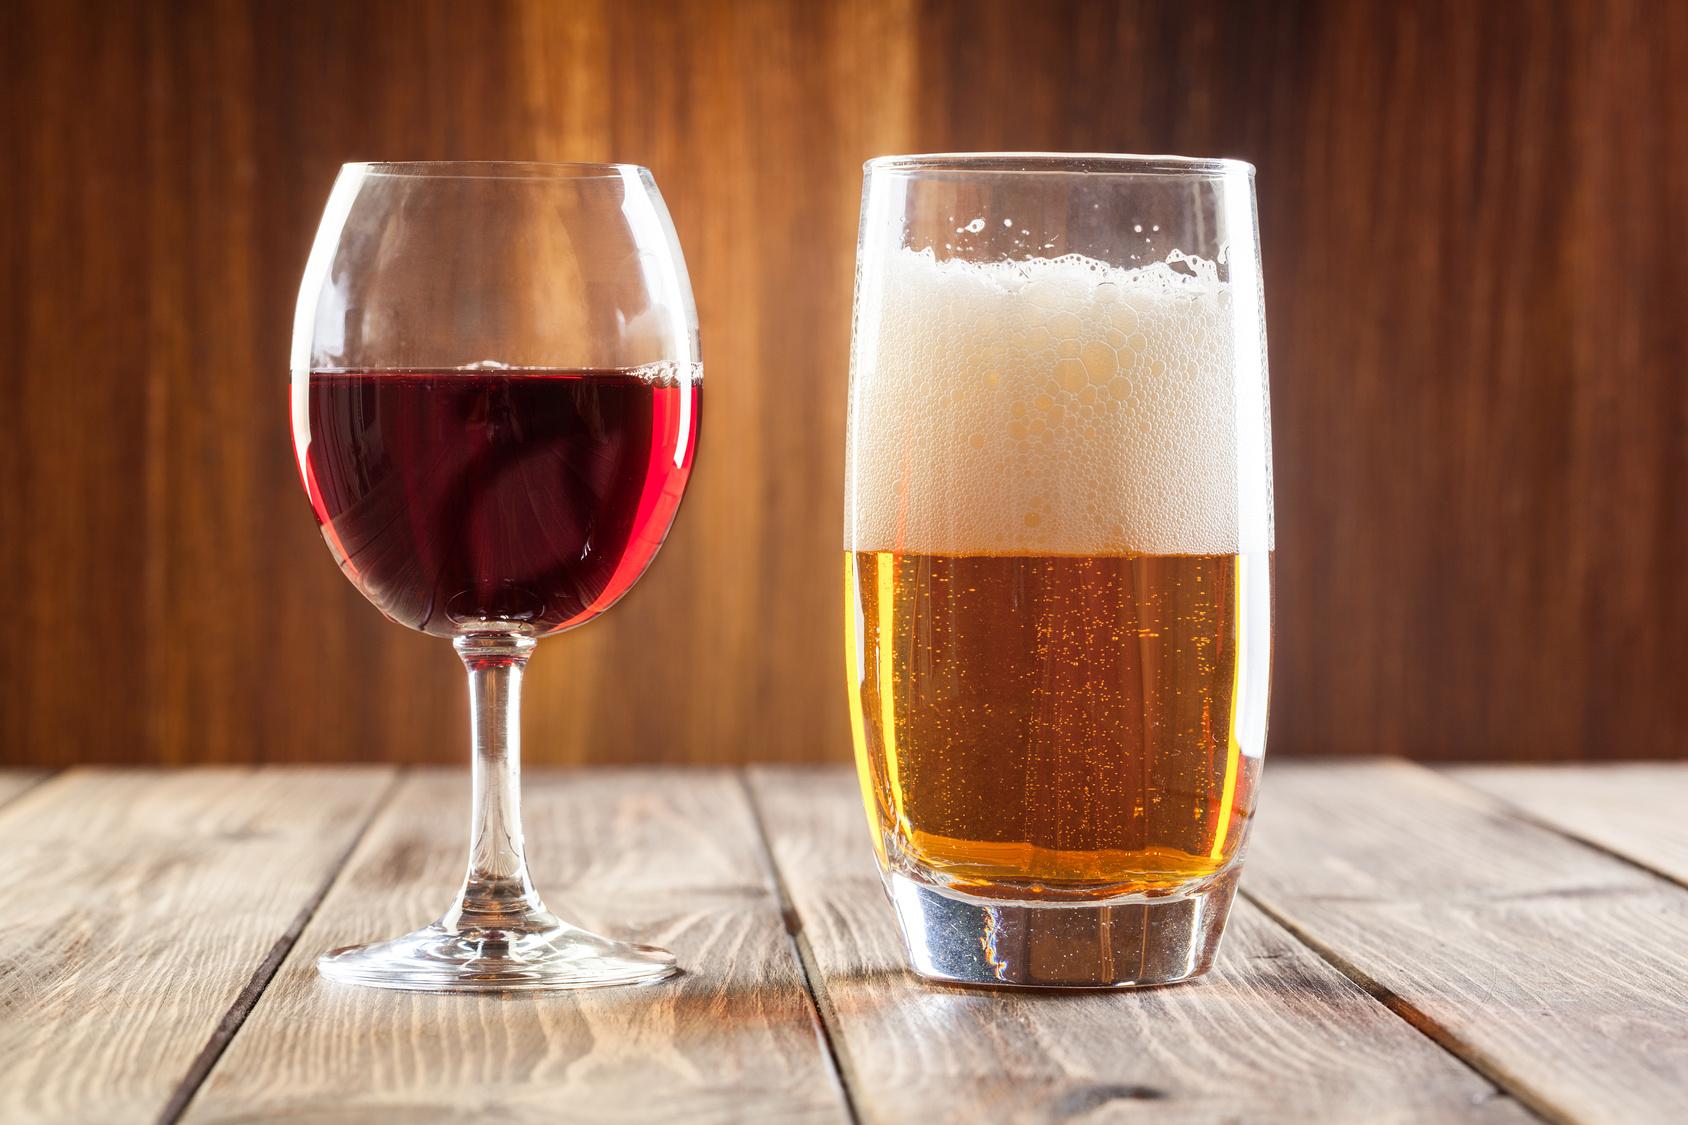 Снять запрет на рекламу слабоалкогольных напитков в СМИ предлагают в Министерстве информации и общественного развития РК